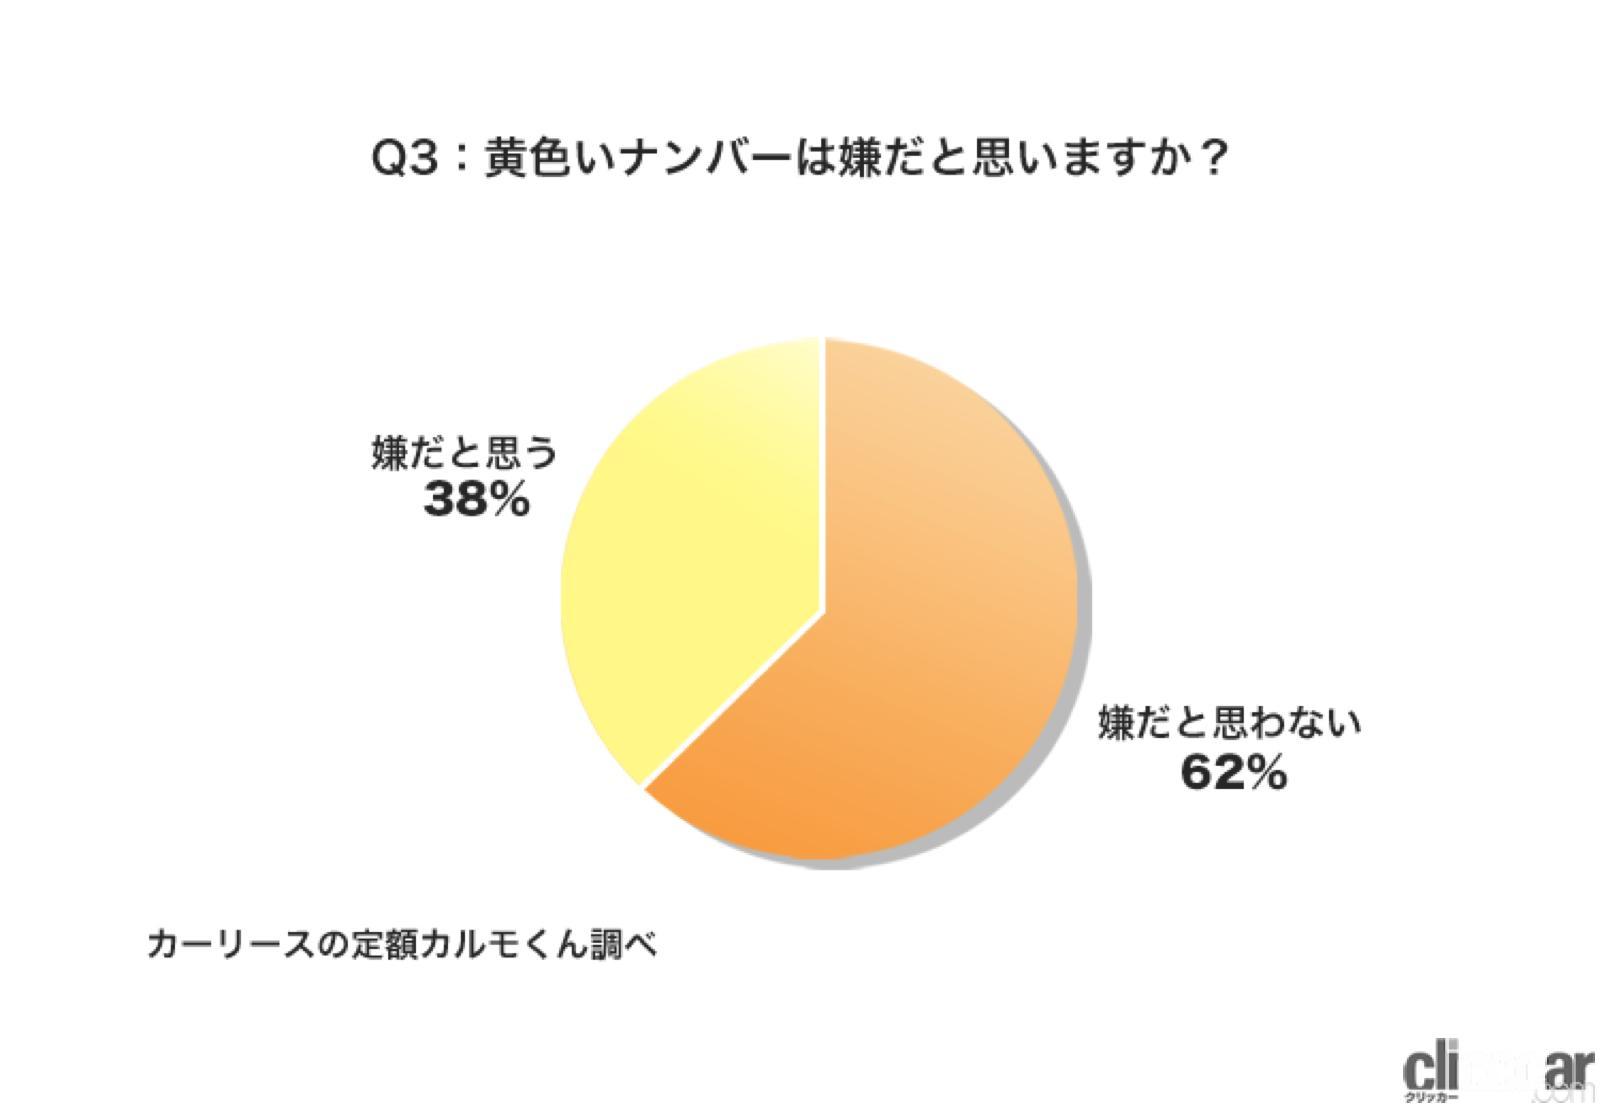 「軽自動車の黄色ナンバーが嫌な人が38%!9月に終了する白い東京オリパラ特別ナンバーの後継はある? 」の5枚目の画像